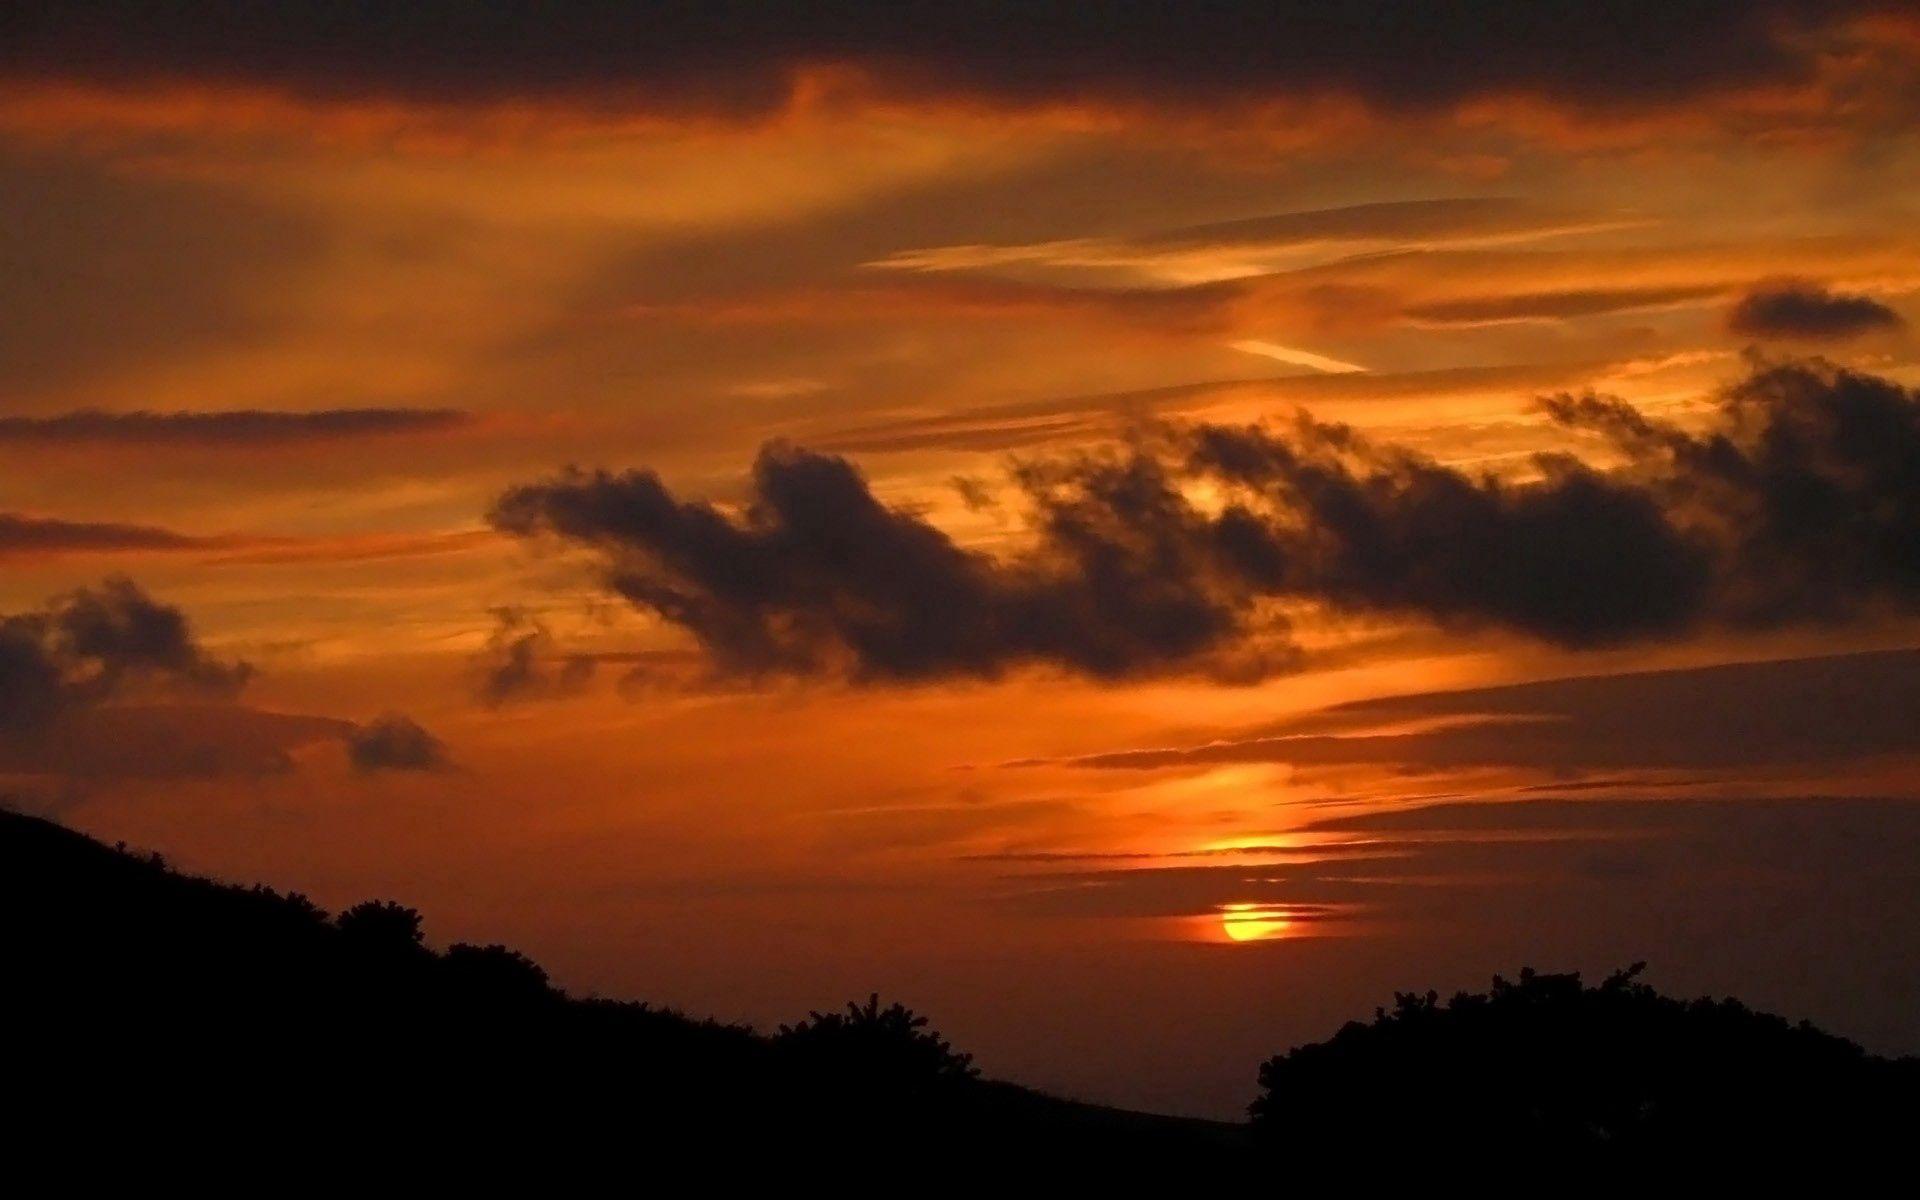 151074 скачать обои Природа, Облака, Сумерки, Вечер, Горизонт, Солнце - заставки и картинки бесплатно